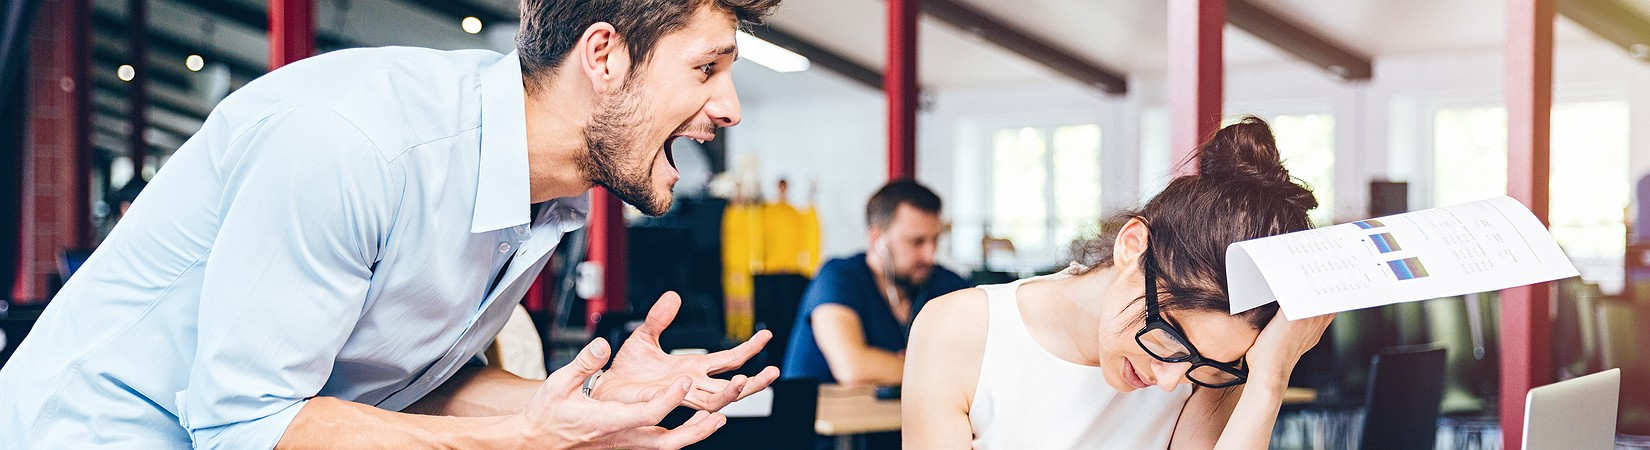 7 tácticas que te ayudarán a tener razón en cualquier discusión